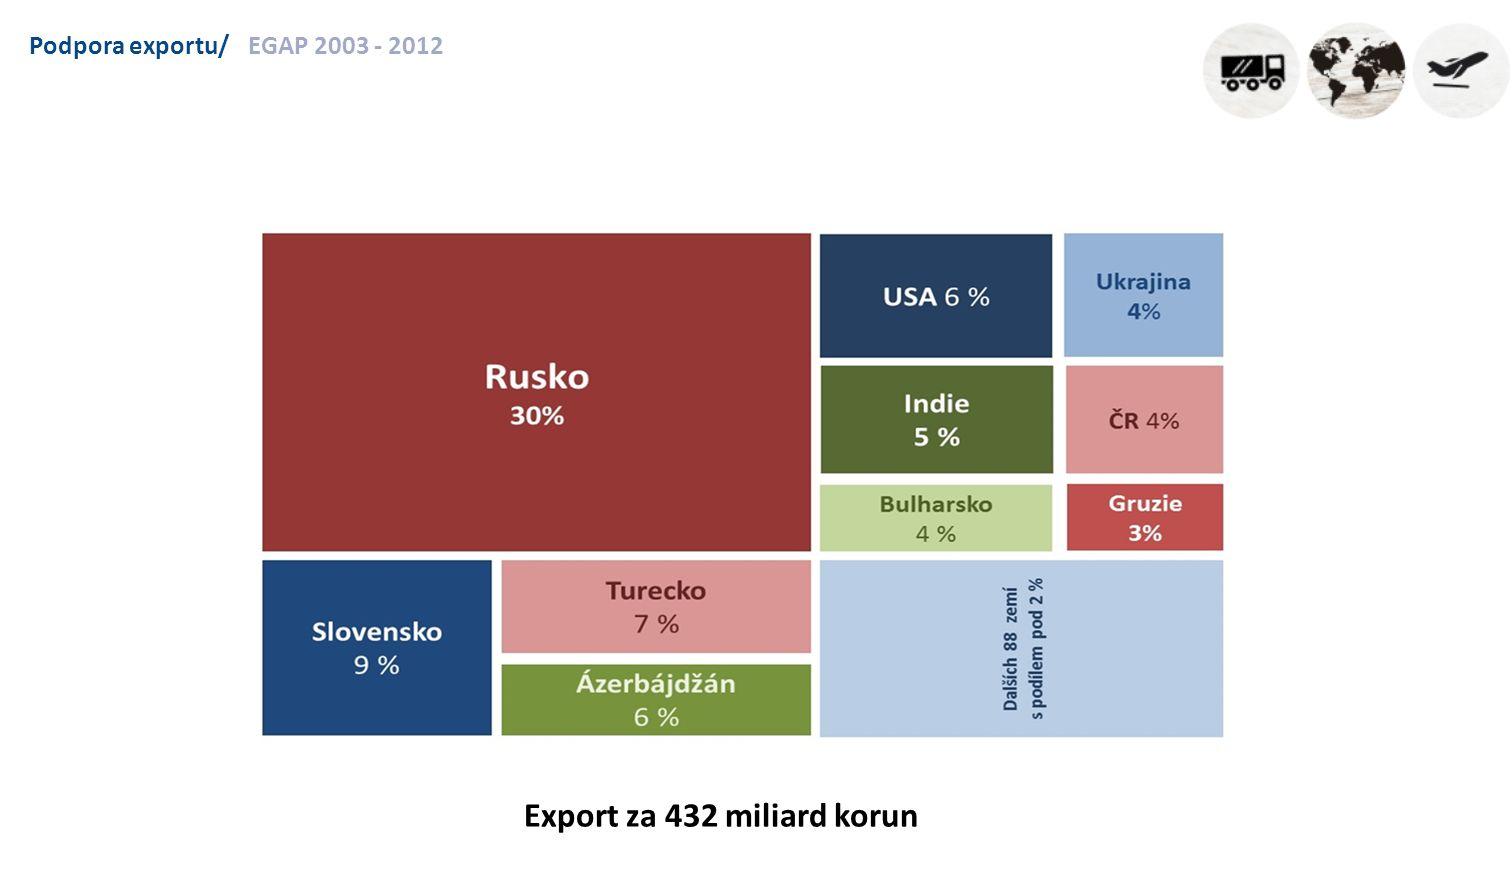 Podpora exportu/EGAP 2013 - 2015 Export za 138 miliard korun